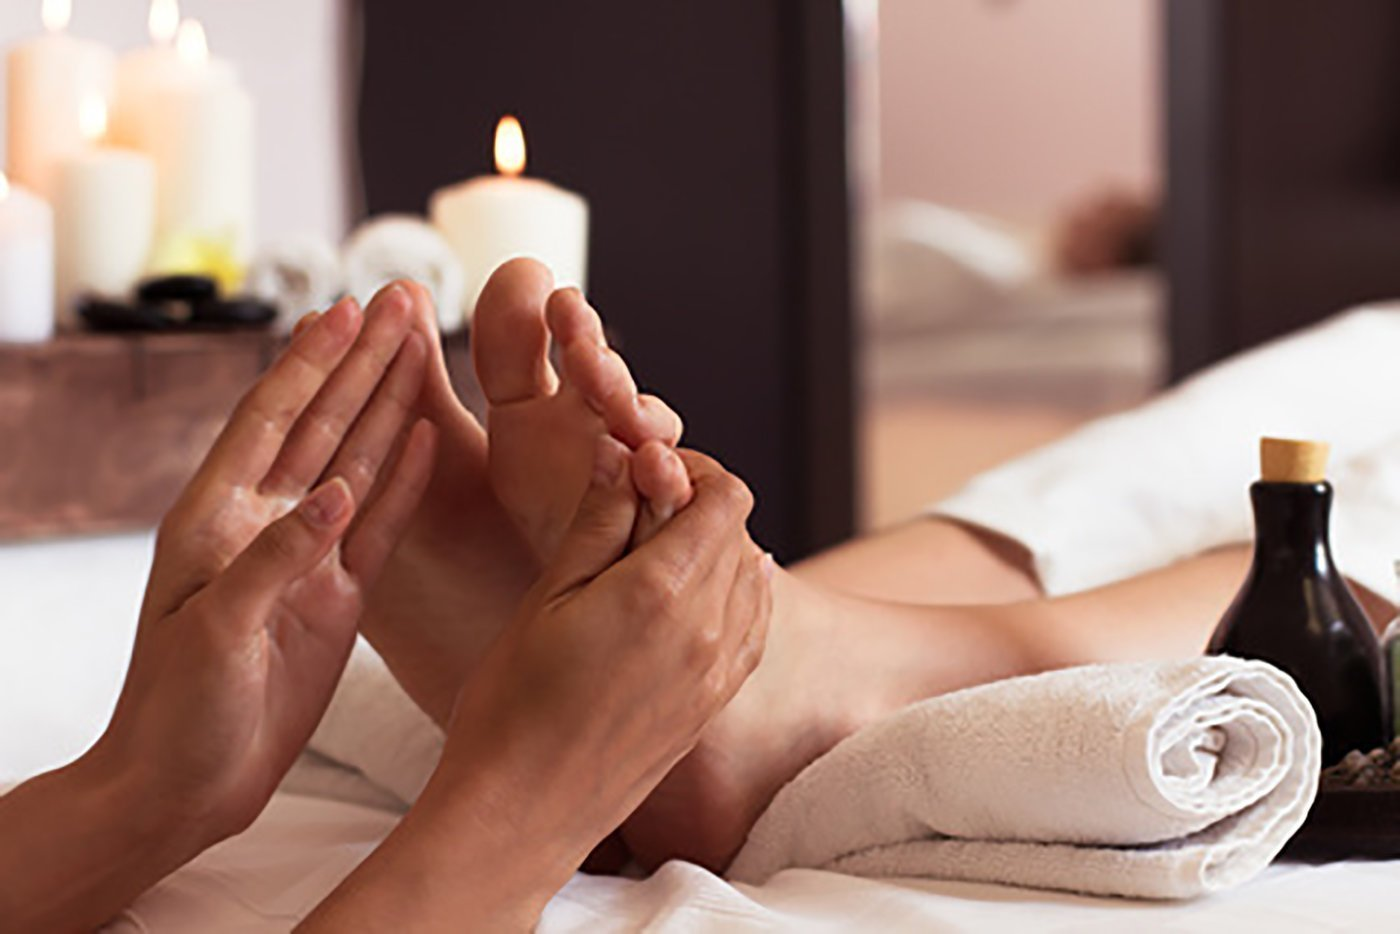 Оротический массаж для мужчины